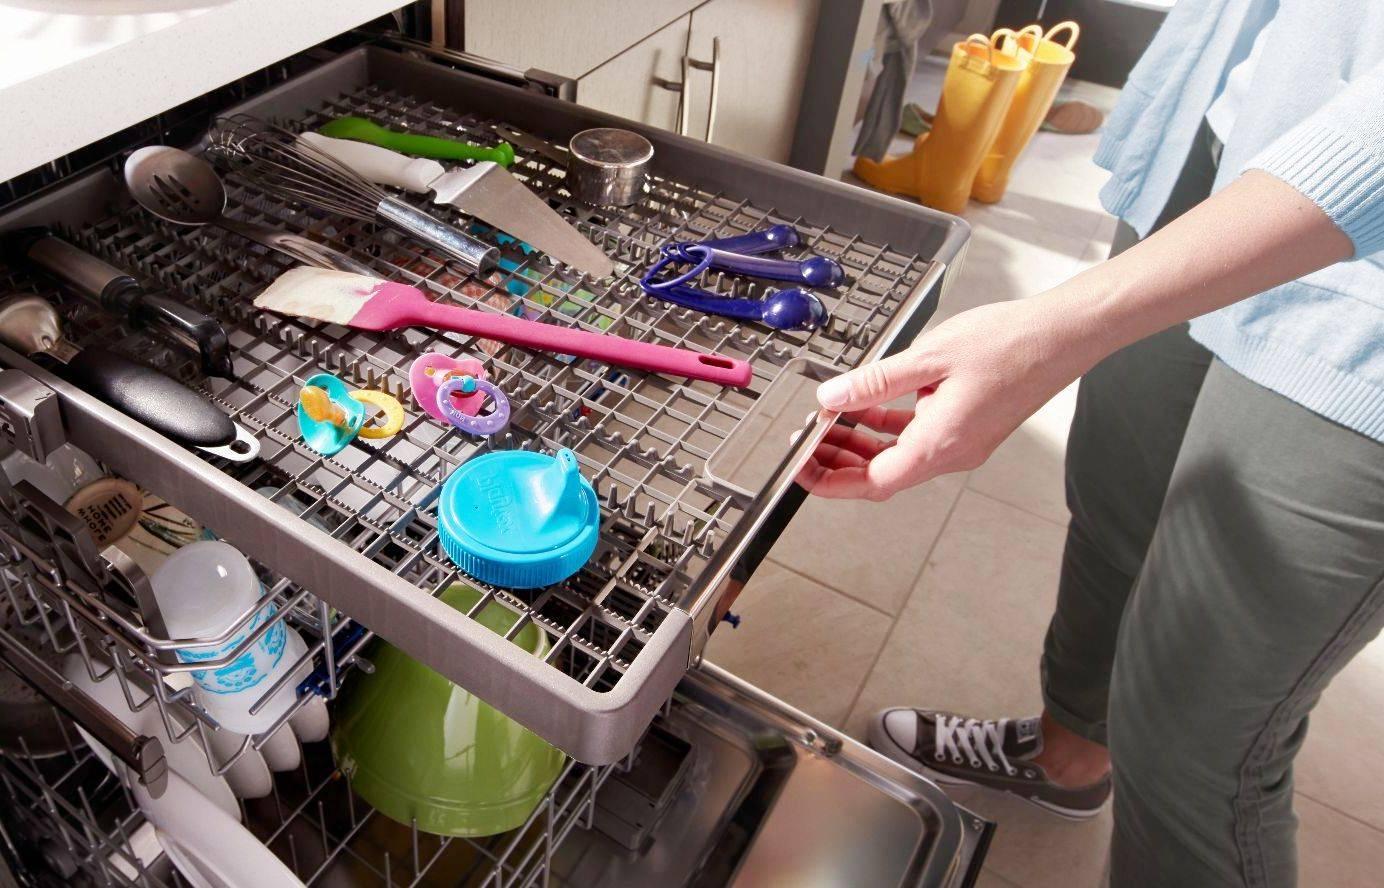 Что нельзя мыть в посудомоечной машине - посудомоечные машины